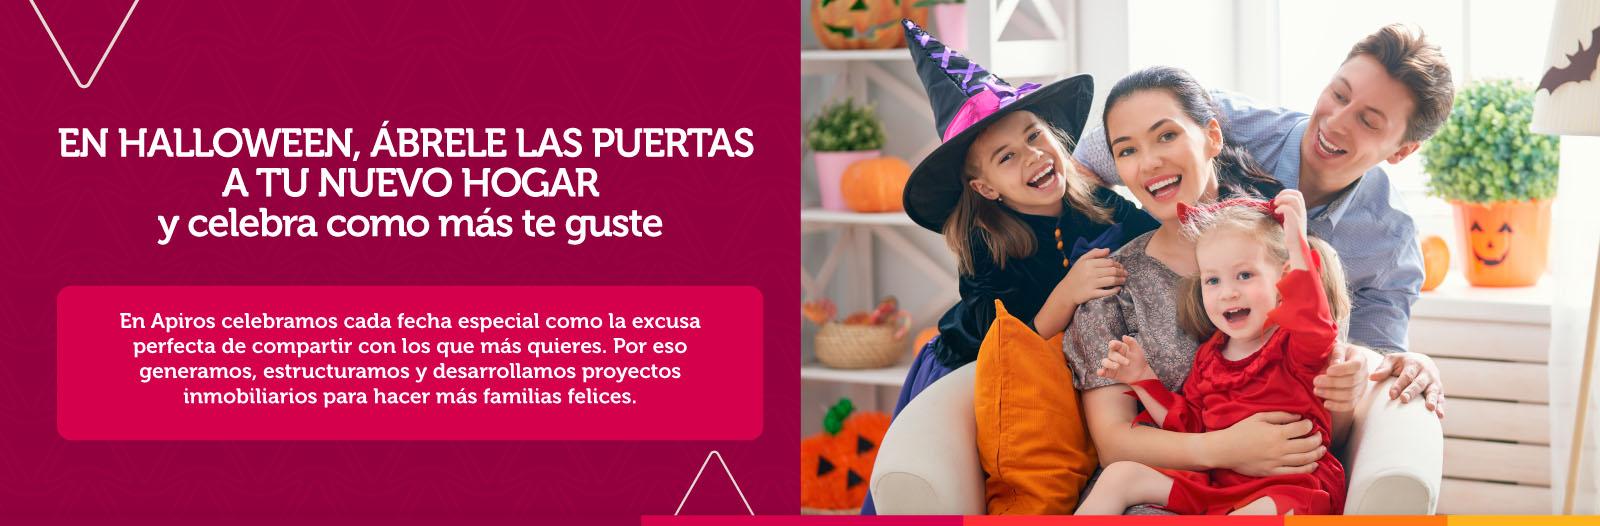 en halloween, abrele las puertas a tu nuevo hogar y celebra como mas guste